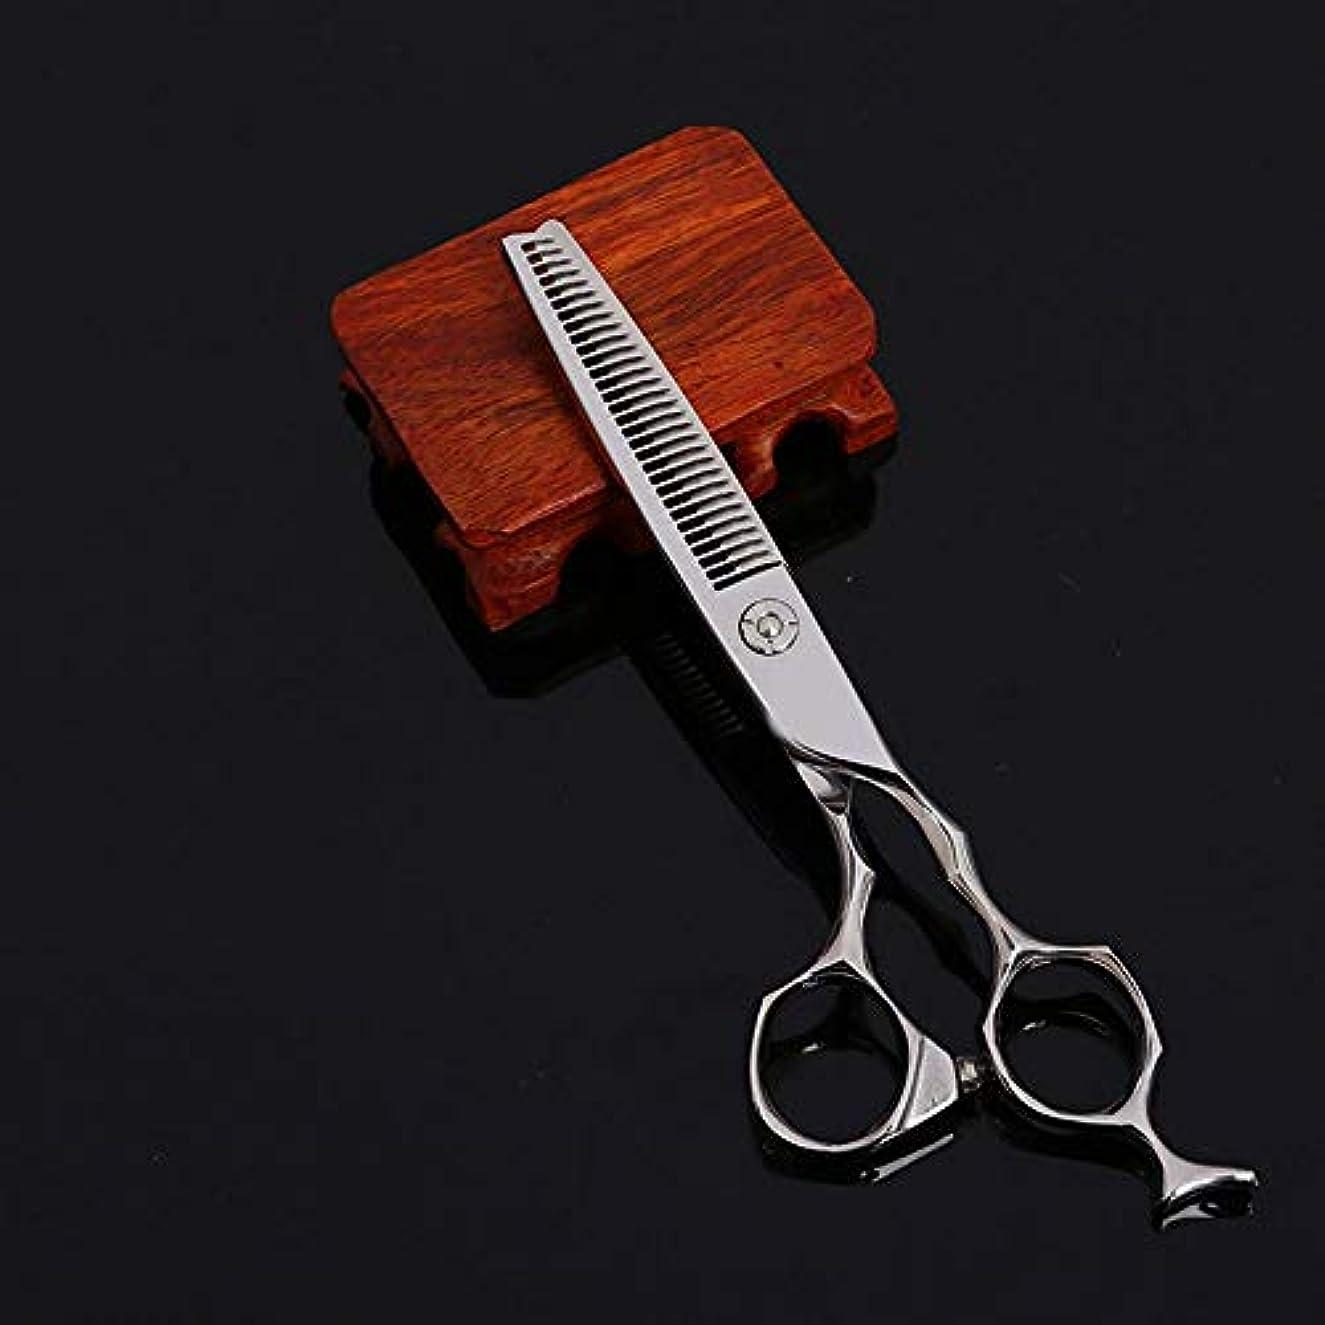 予約湾有益な440C物質的な前髪の理髪はさみ、6インチの美容院の専門の理髪はさみ モデリングツール (色 : Silver)